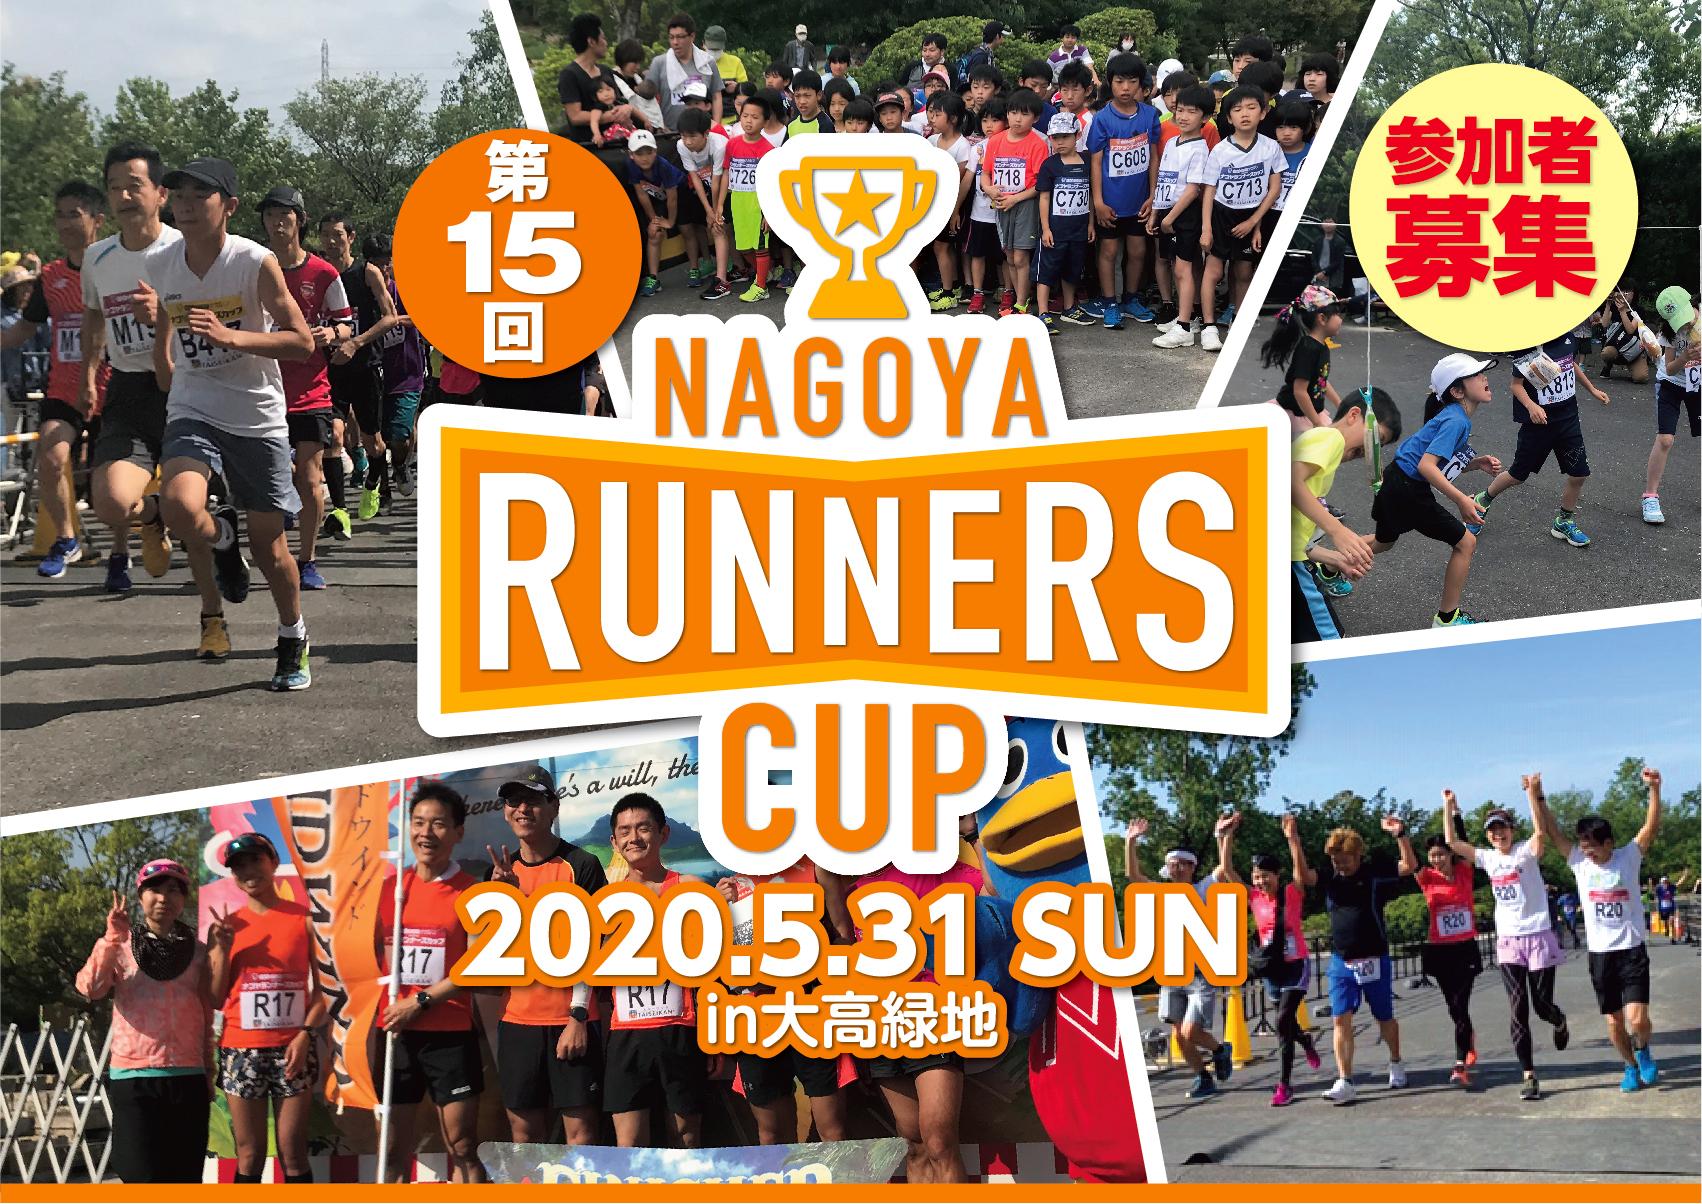 第15回名古屋ランナーズカップ